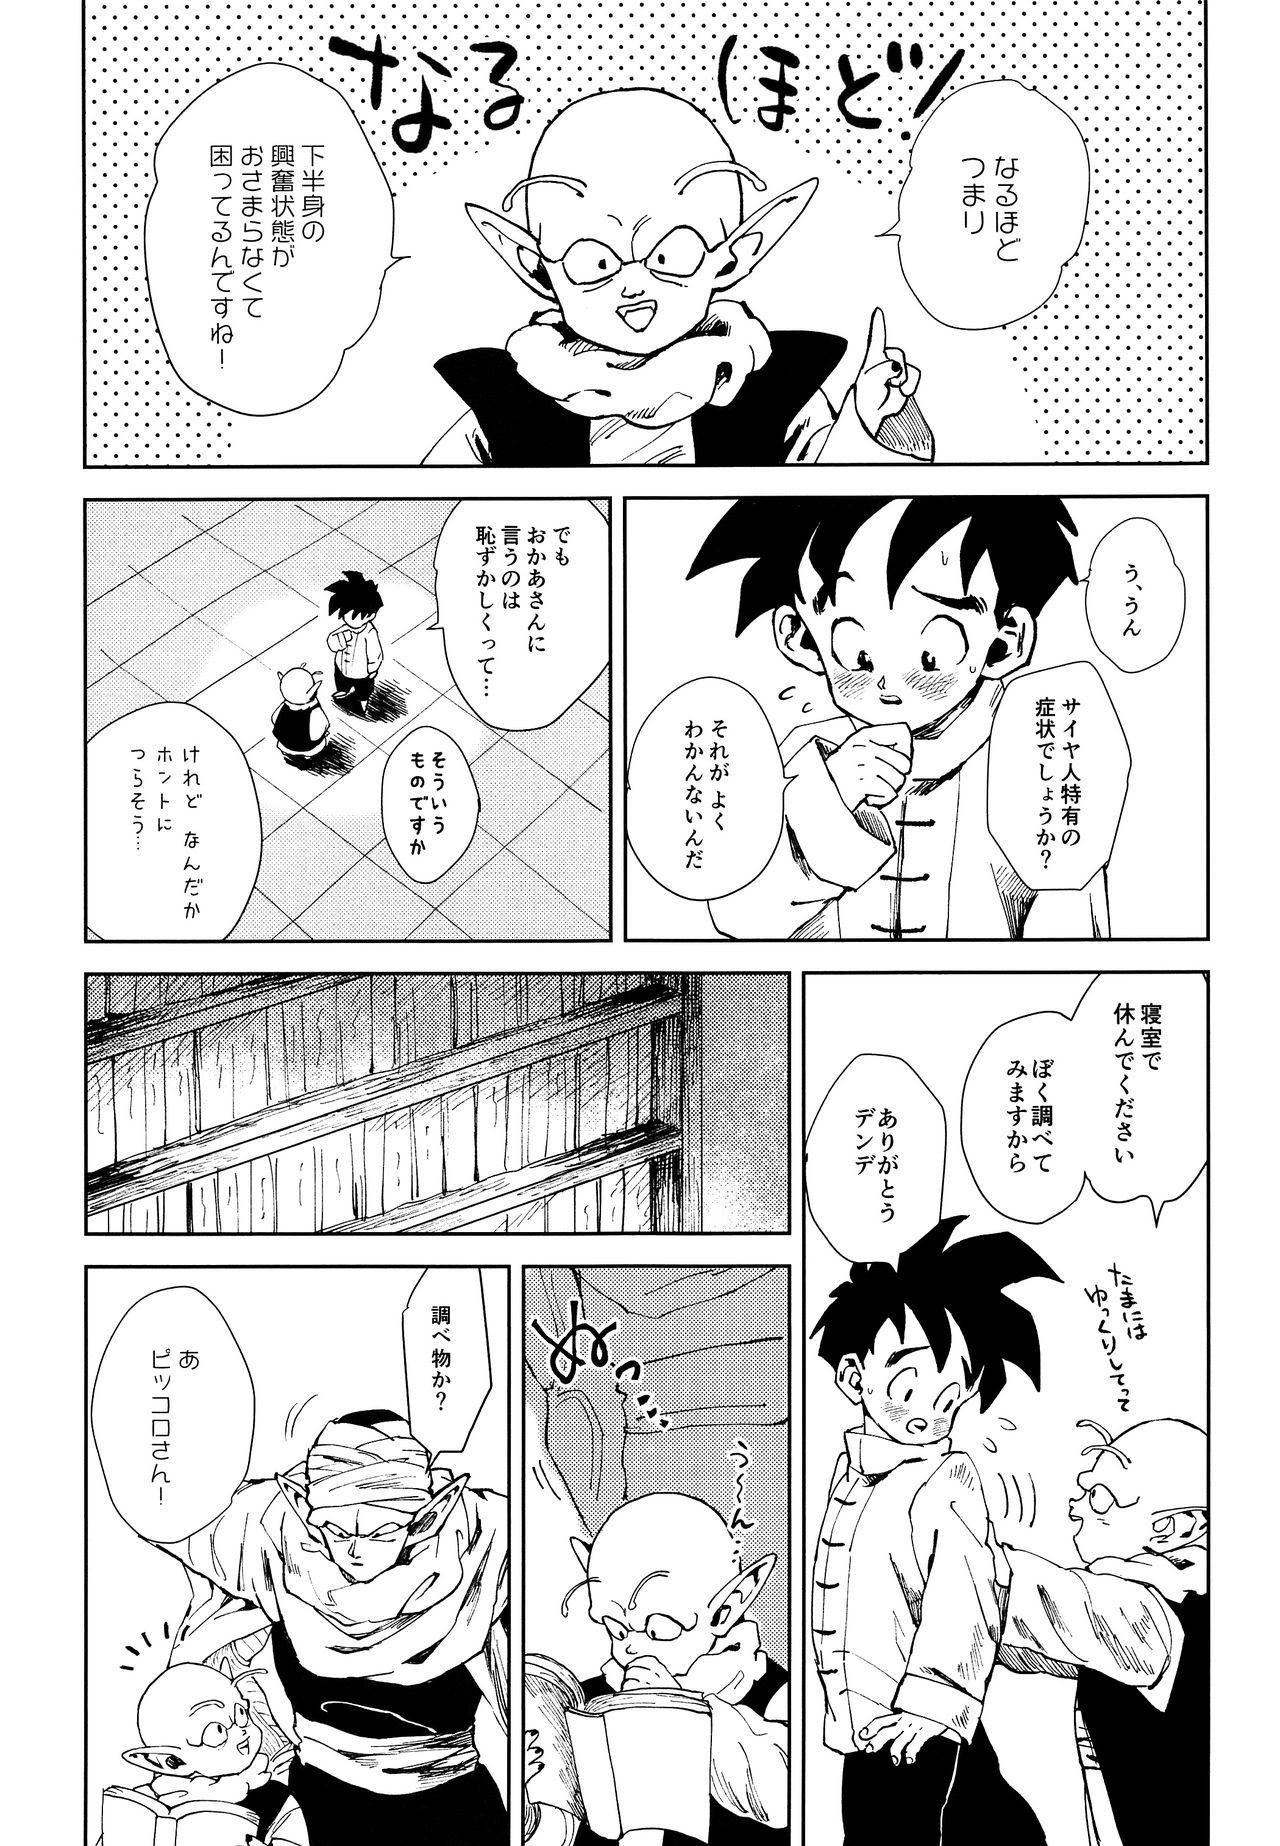 Tsuki ni Somuite 3